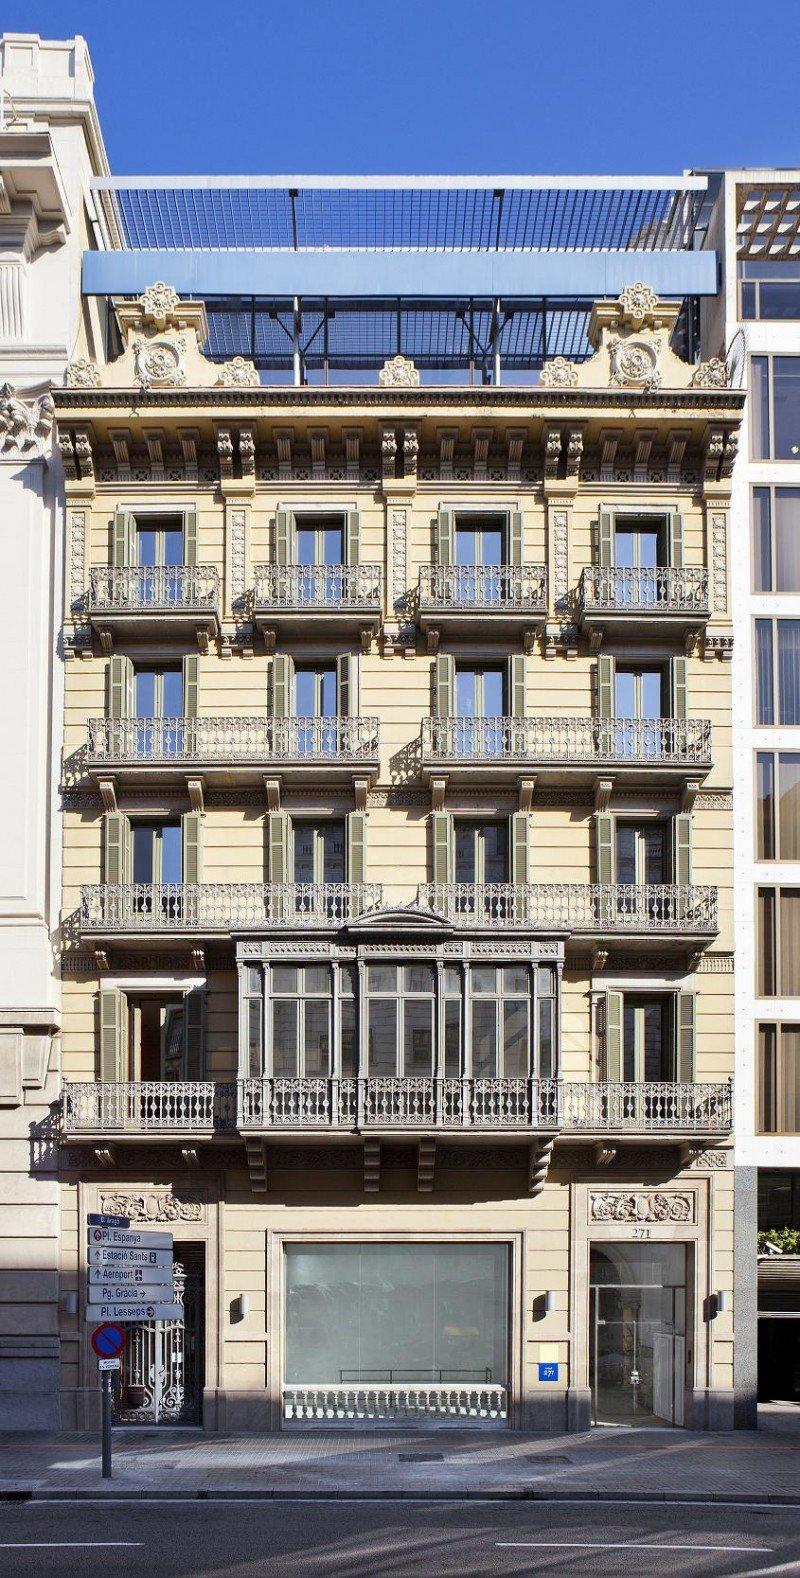 El edificio, construido a principios del siglo XX, mantiene su fachada clásica.